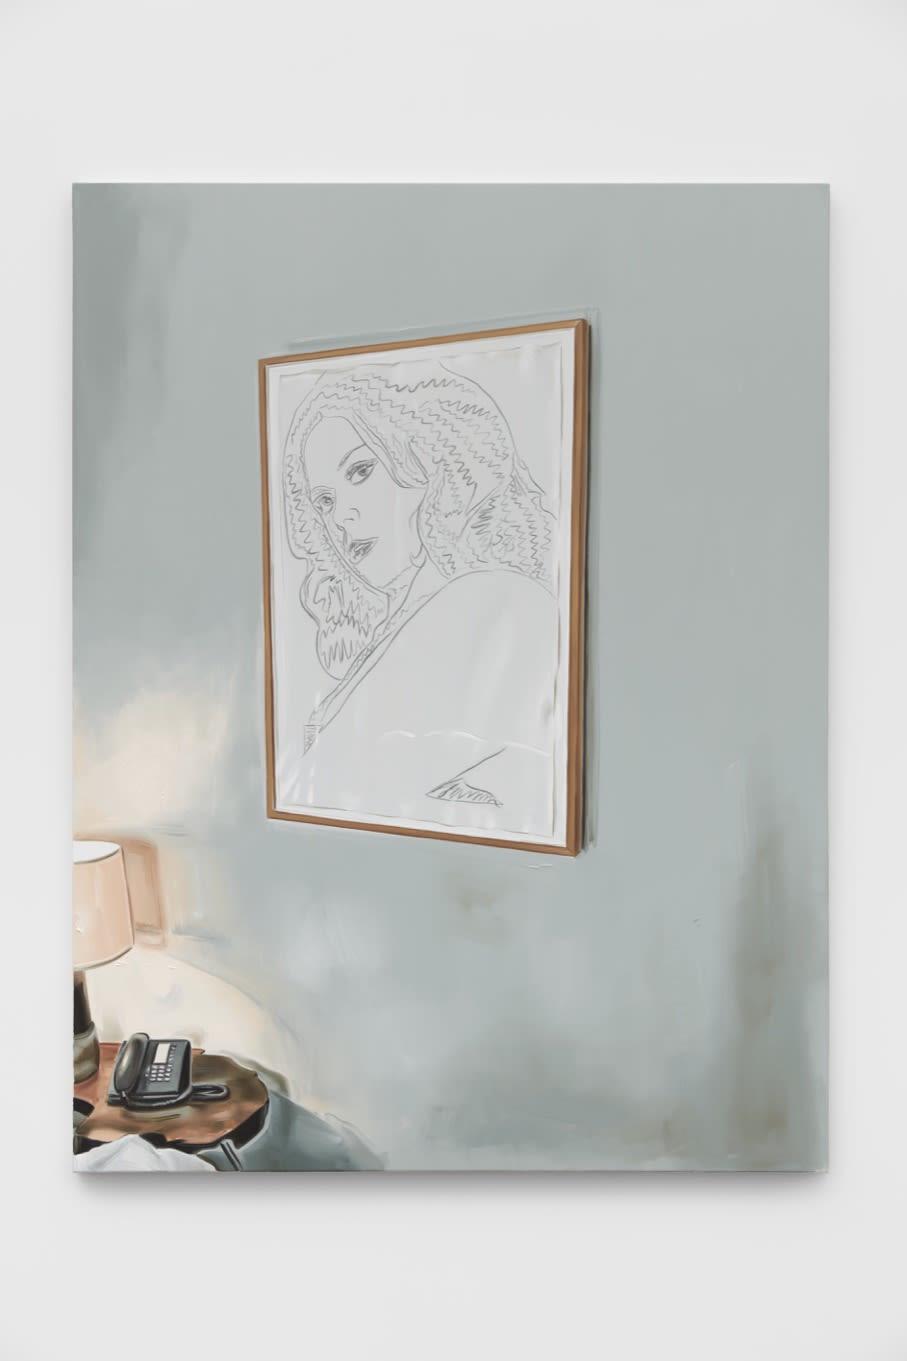 Marcin Maciejowski, Private View (Warhol), 2019